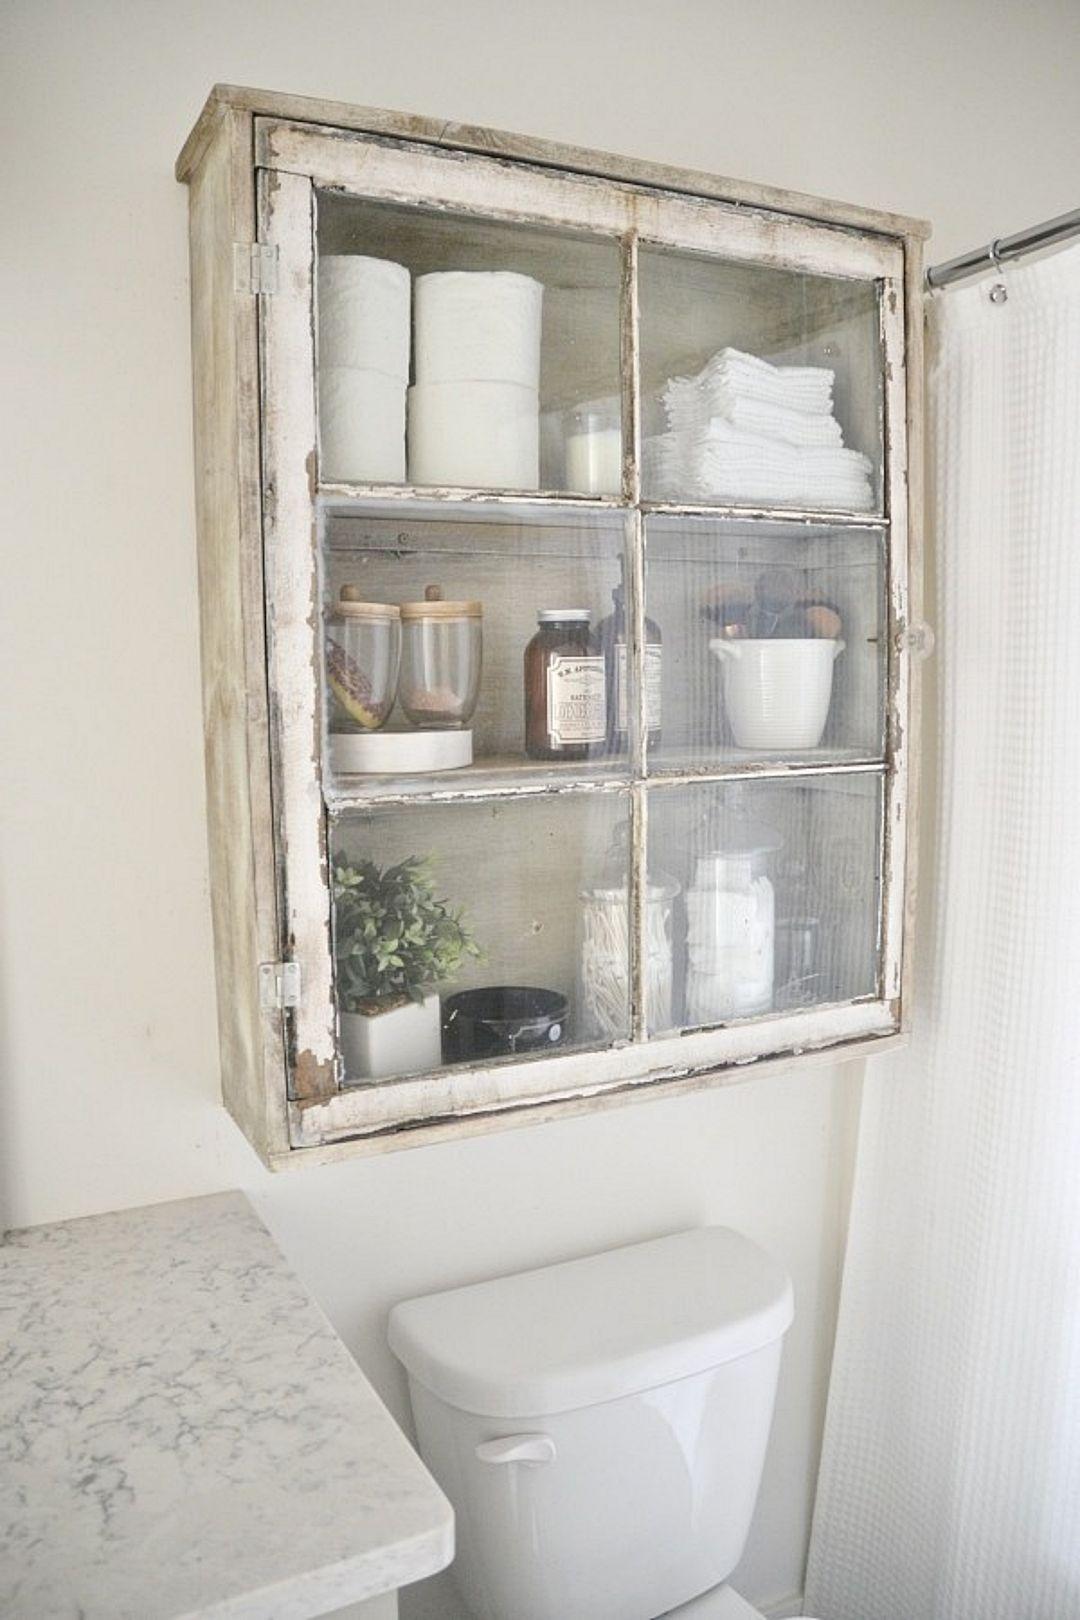 Mẹo tái sử dụng khung cửa sổ cũ trong trang trí và lưu trữ - Ảnh 4.